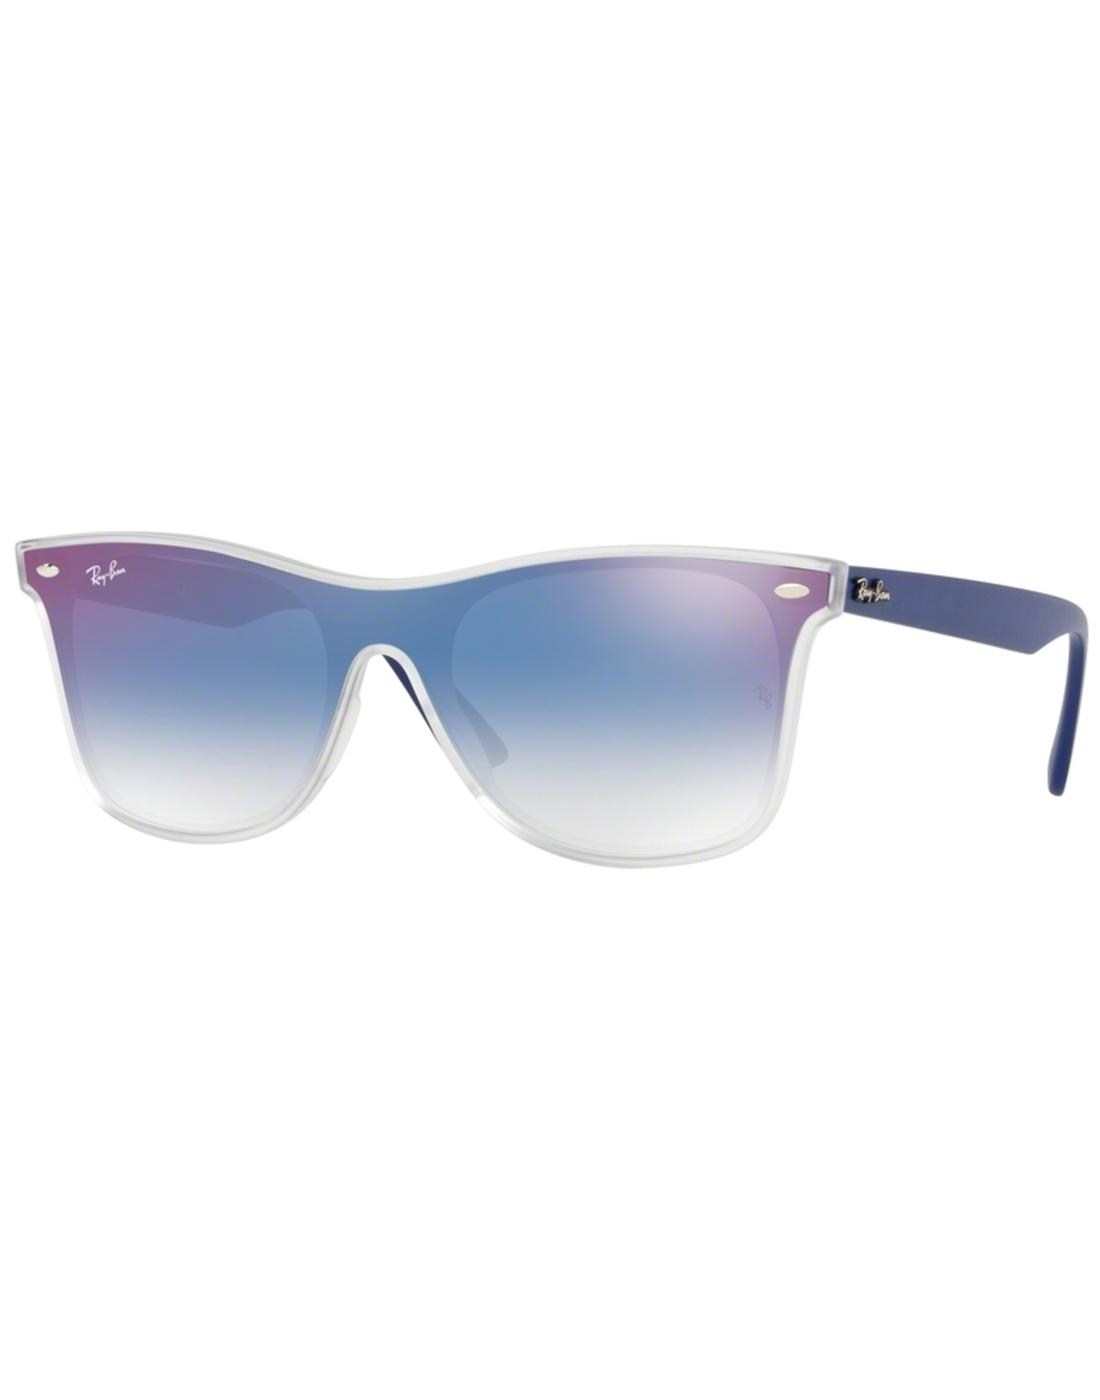 facd2ded2 czech blaze wayfarer ray ban mirror lens sunglasses blue ec146 4e54f